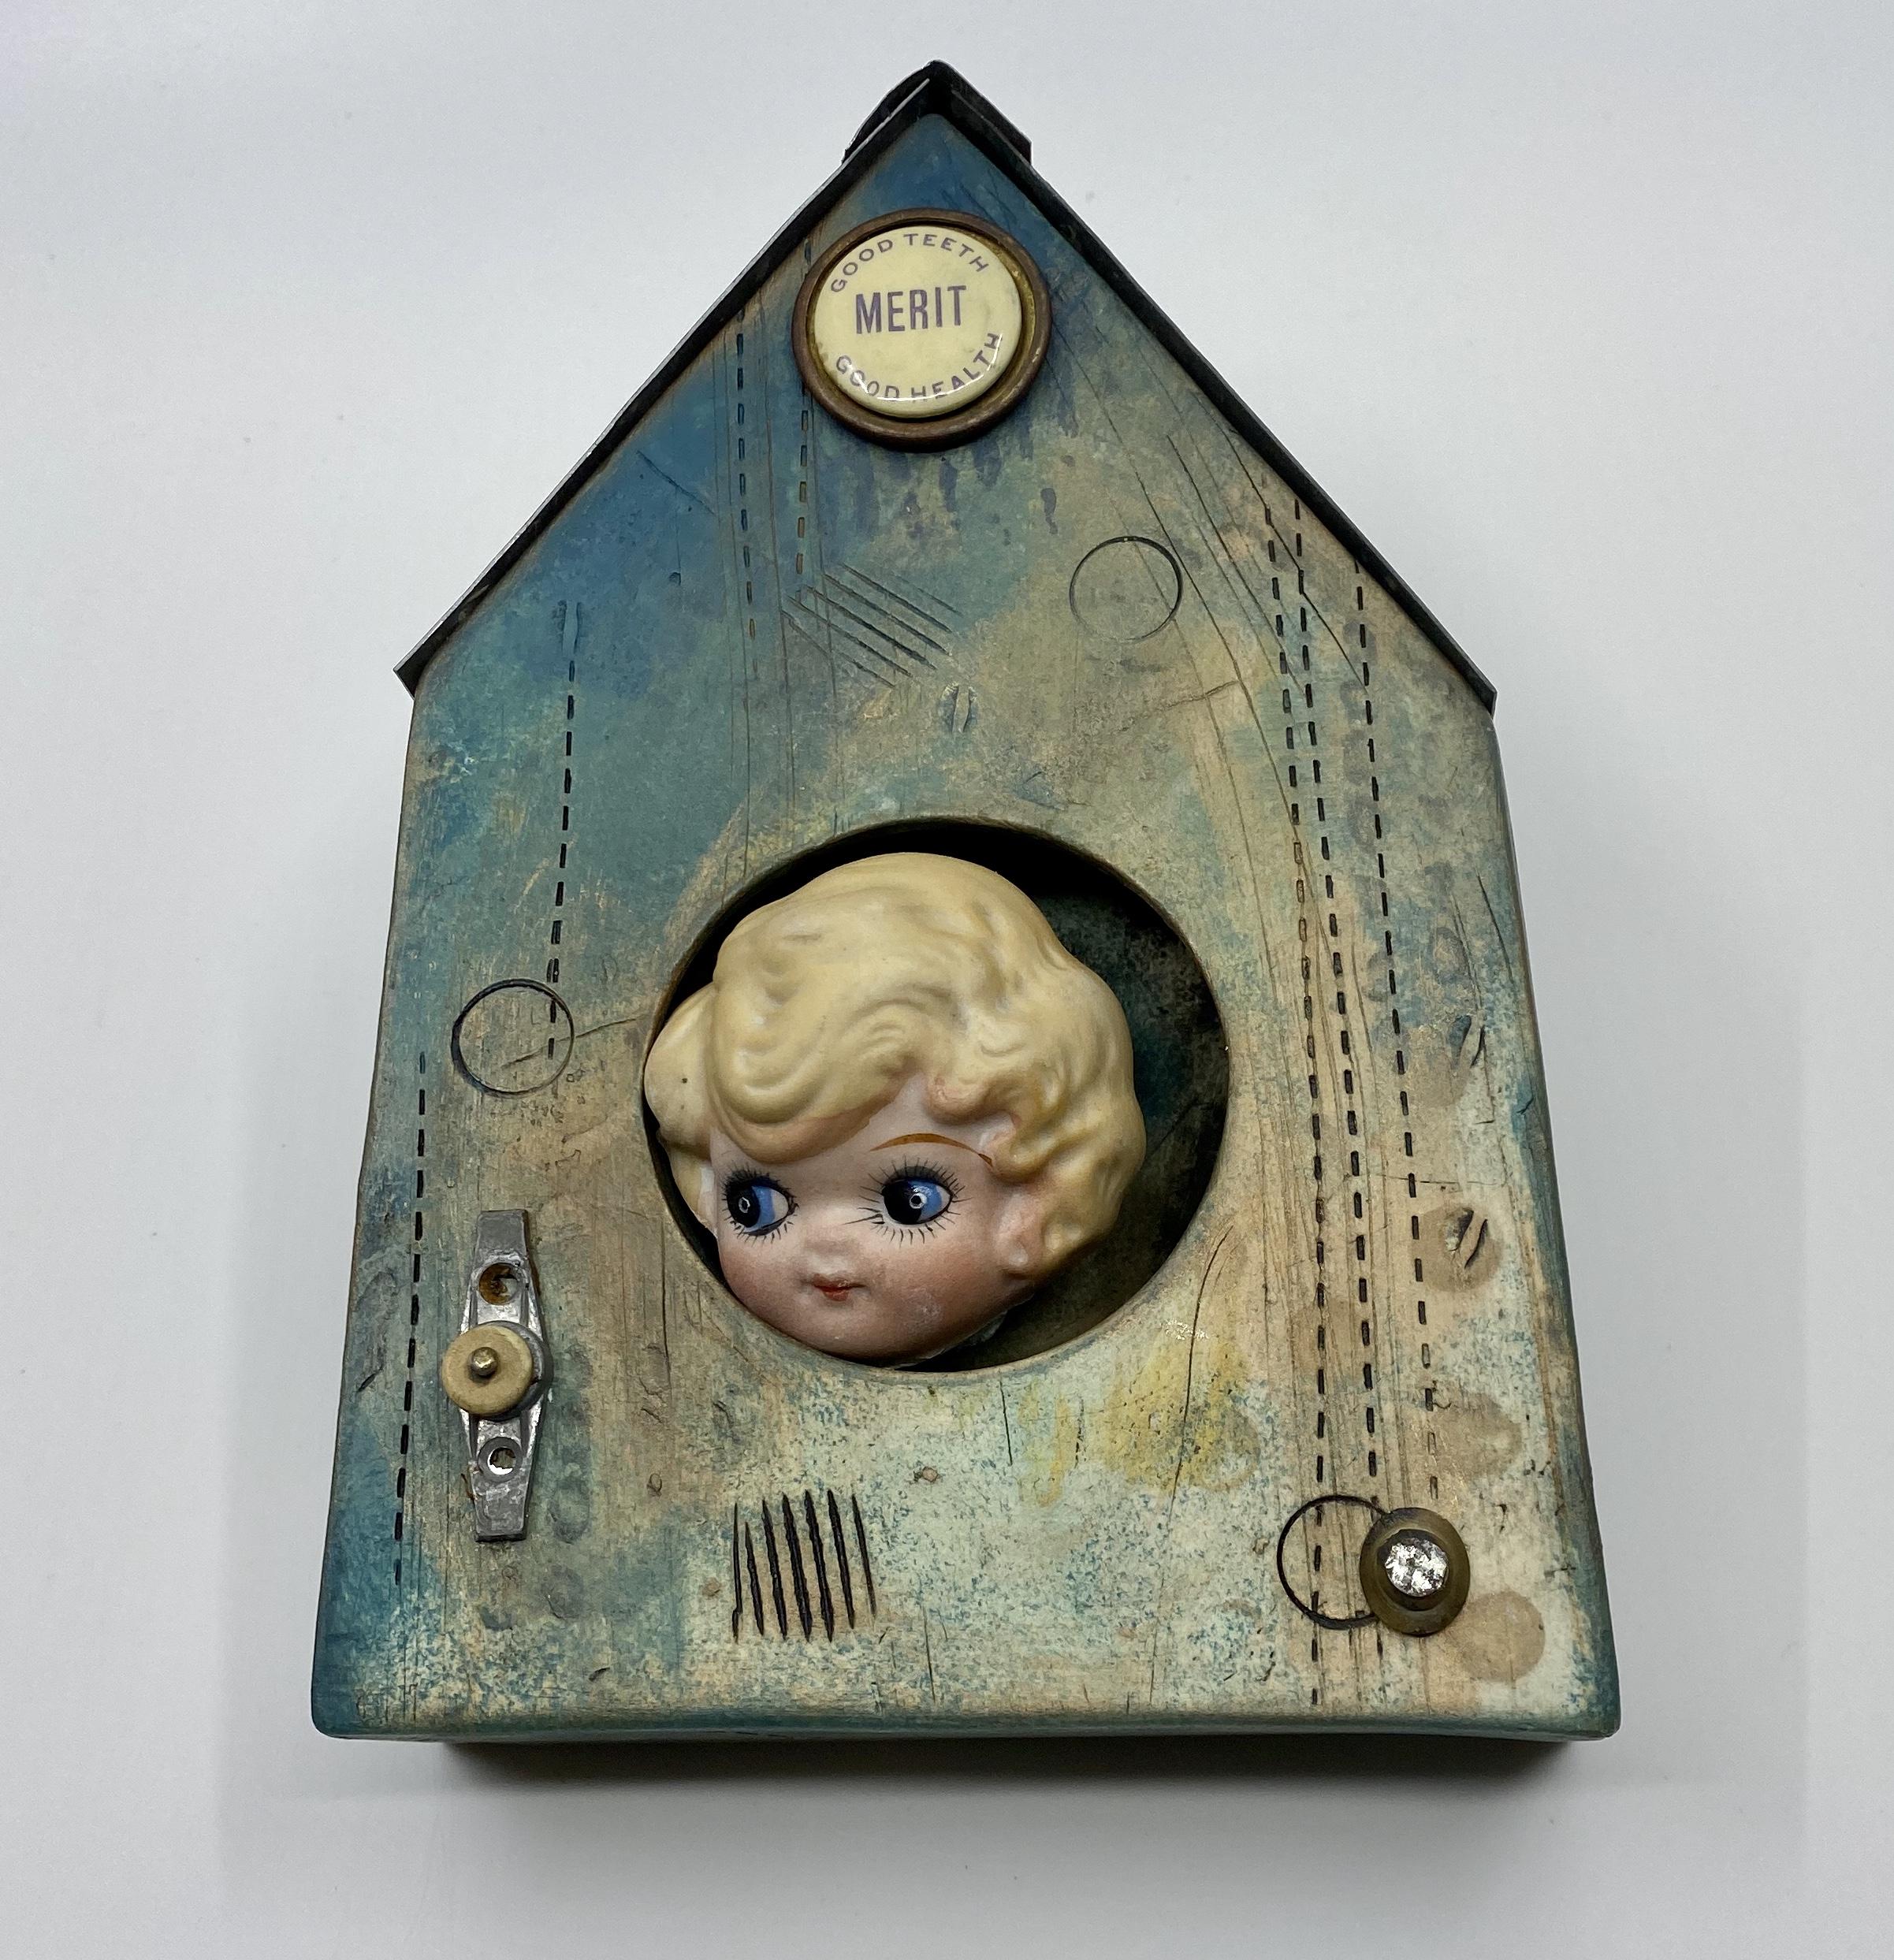 Curiosity has Merit- Ceramic/Found Objec